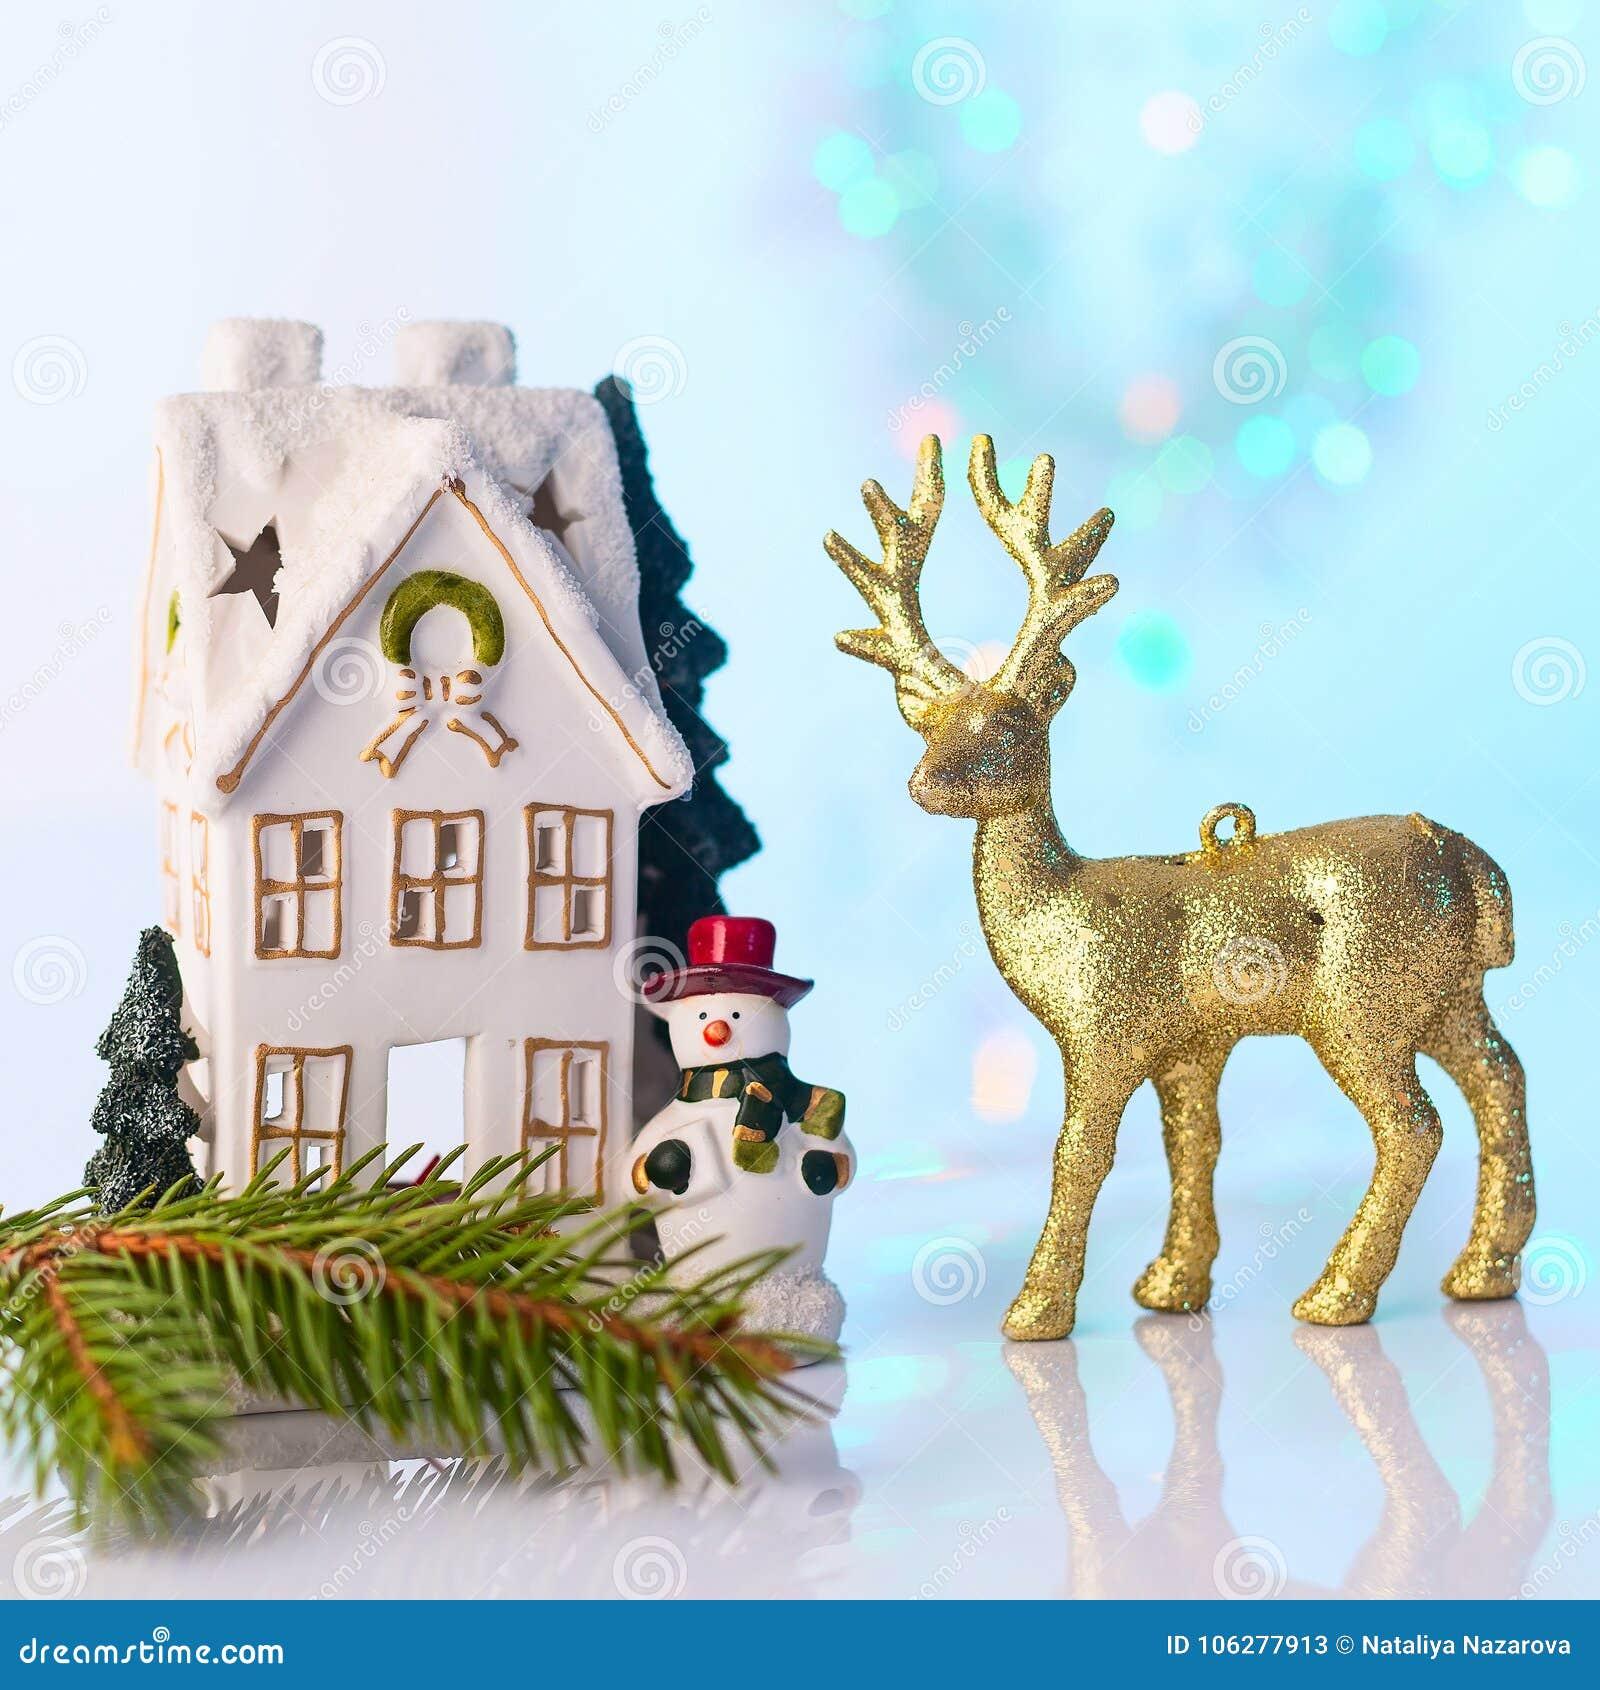 Christmas House And Reindeer With Bokeh Lights Stock Image